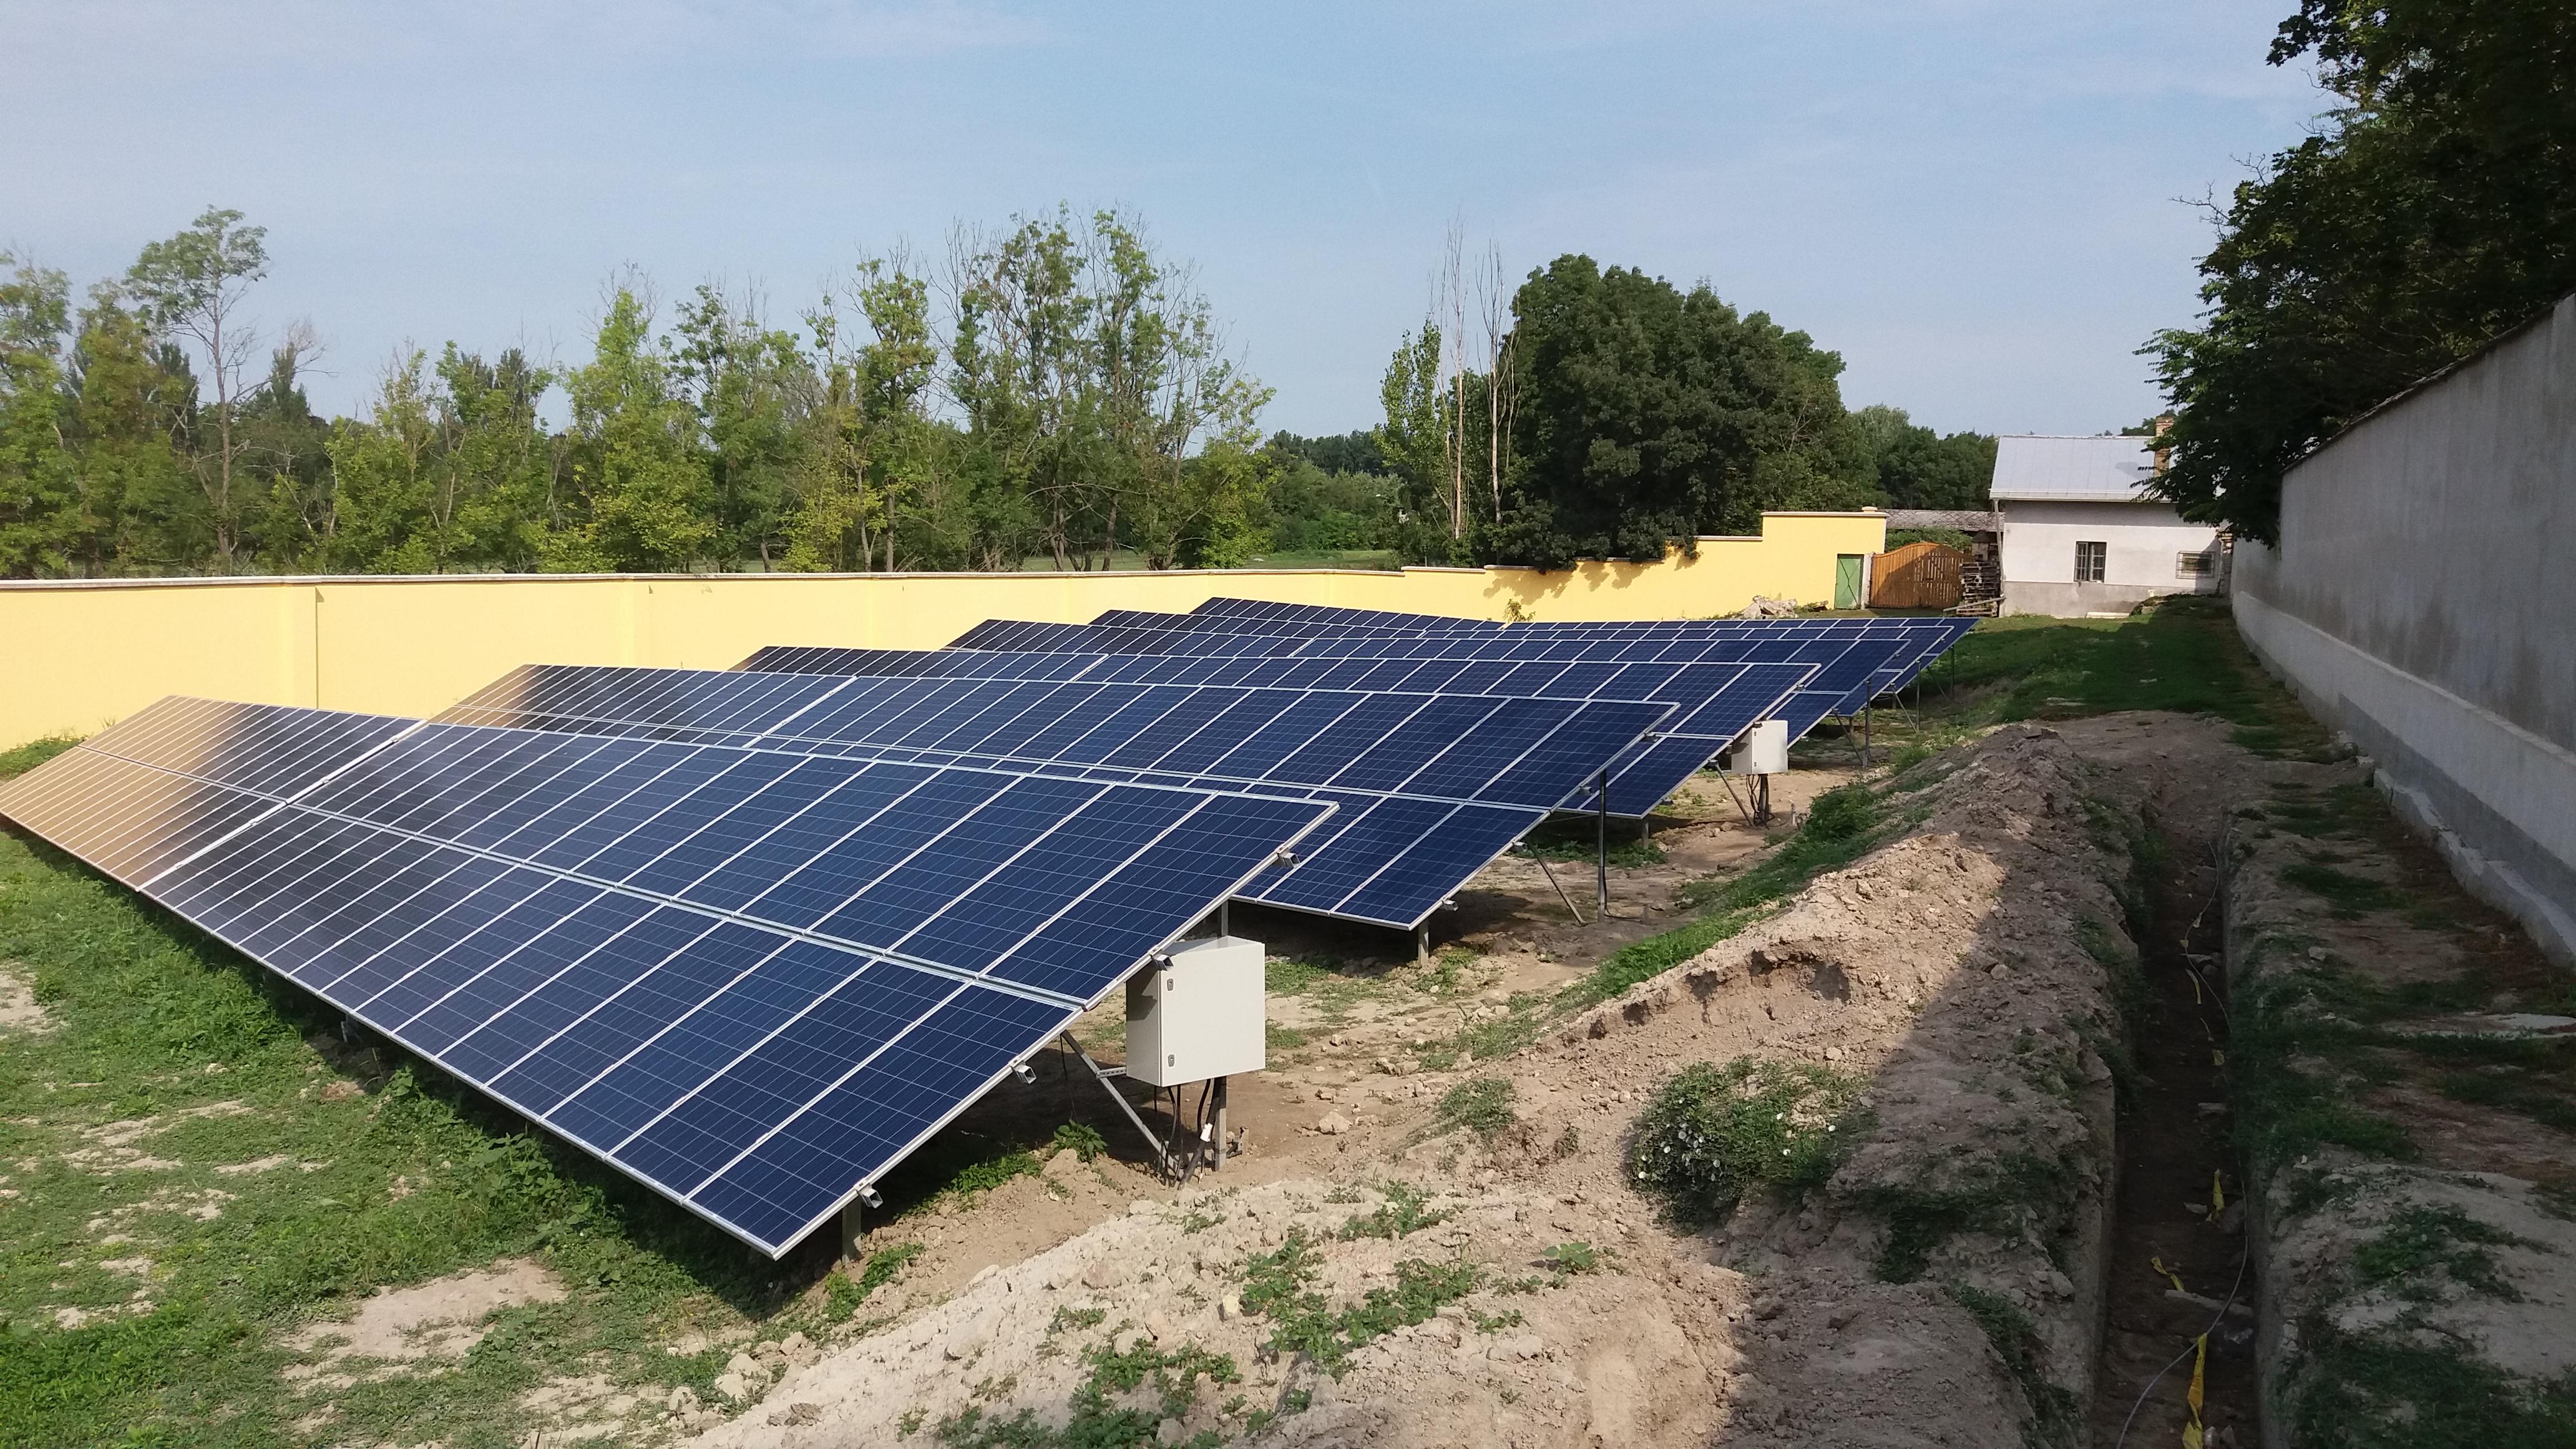 Kalocsai érsekség 2 x 50 Kw naperőmű 2016. 08. 17